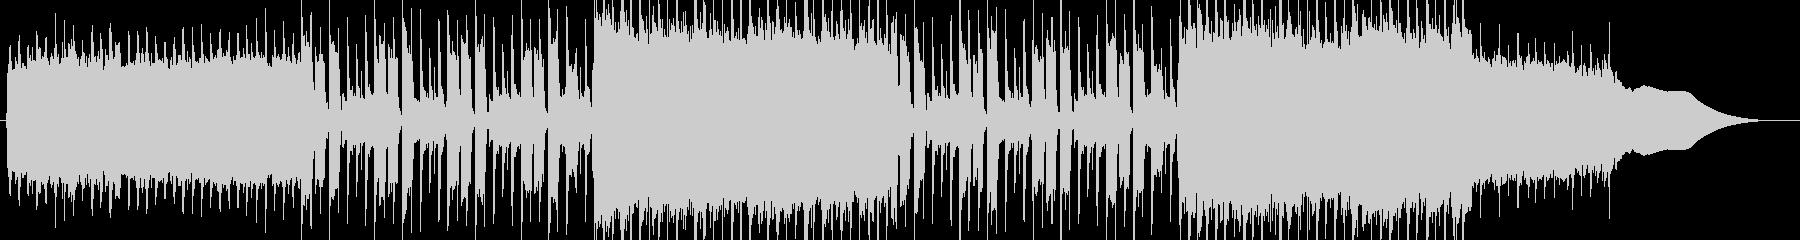 壮大なイメージのEDMロックの未再生の波形